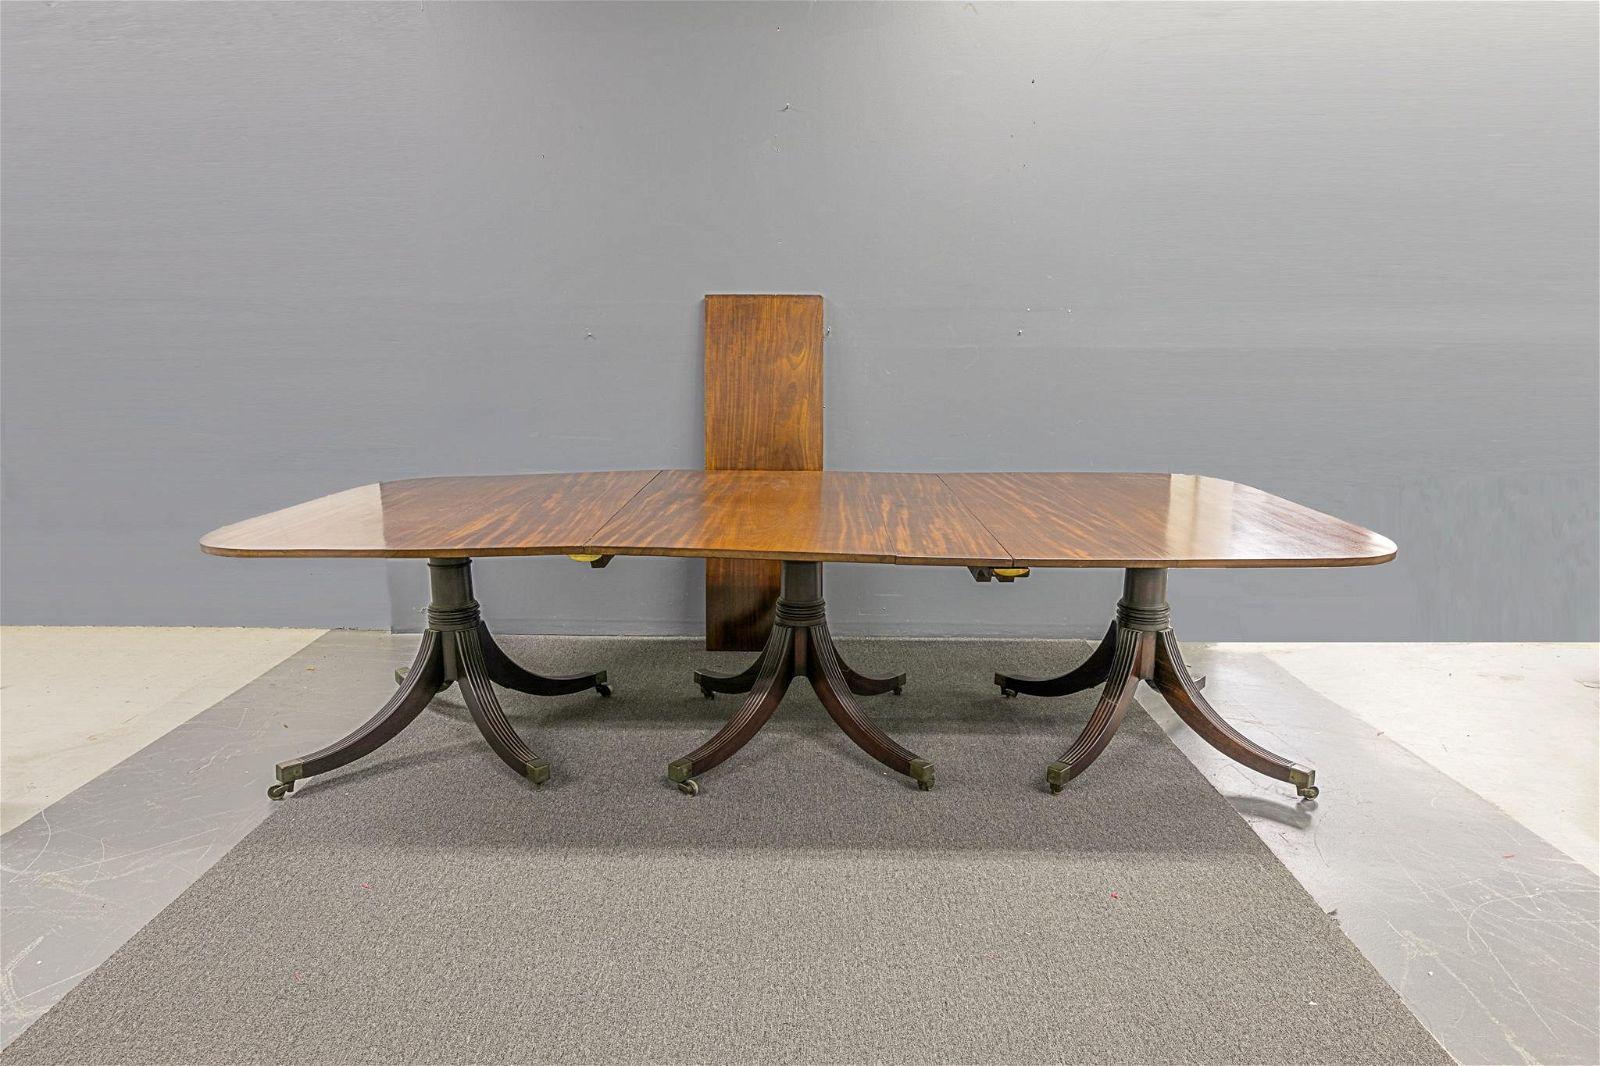 Georgian Banquet Table